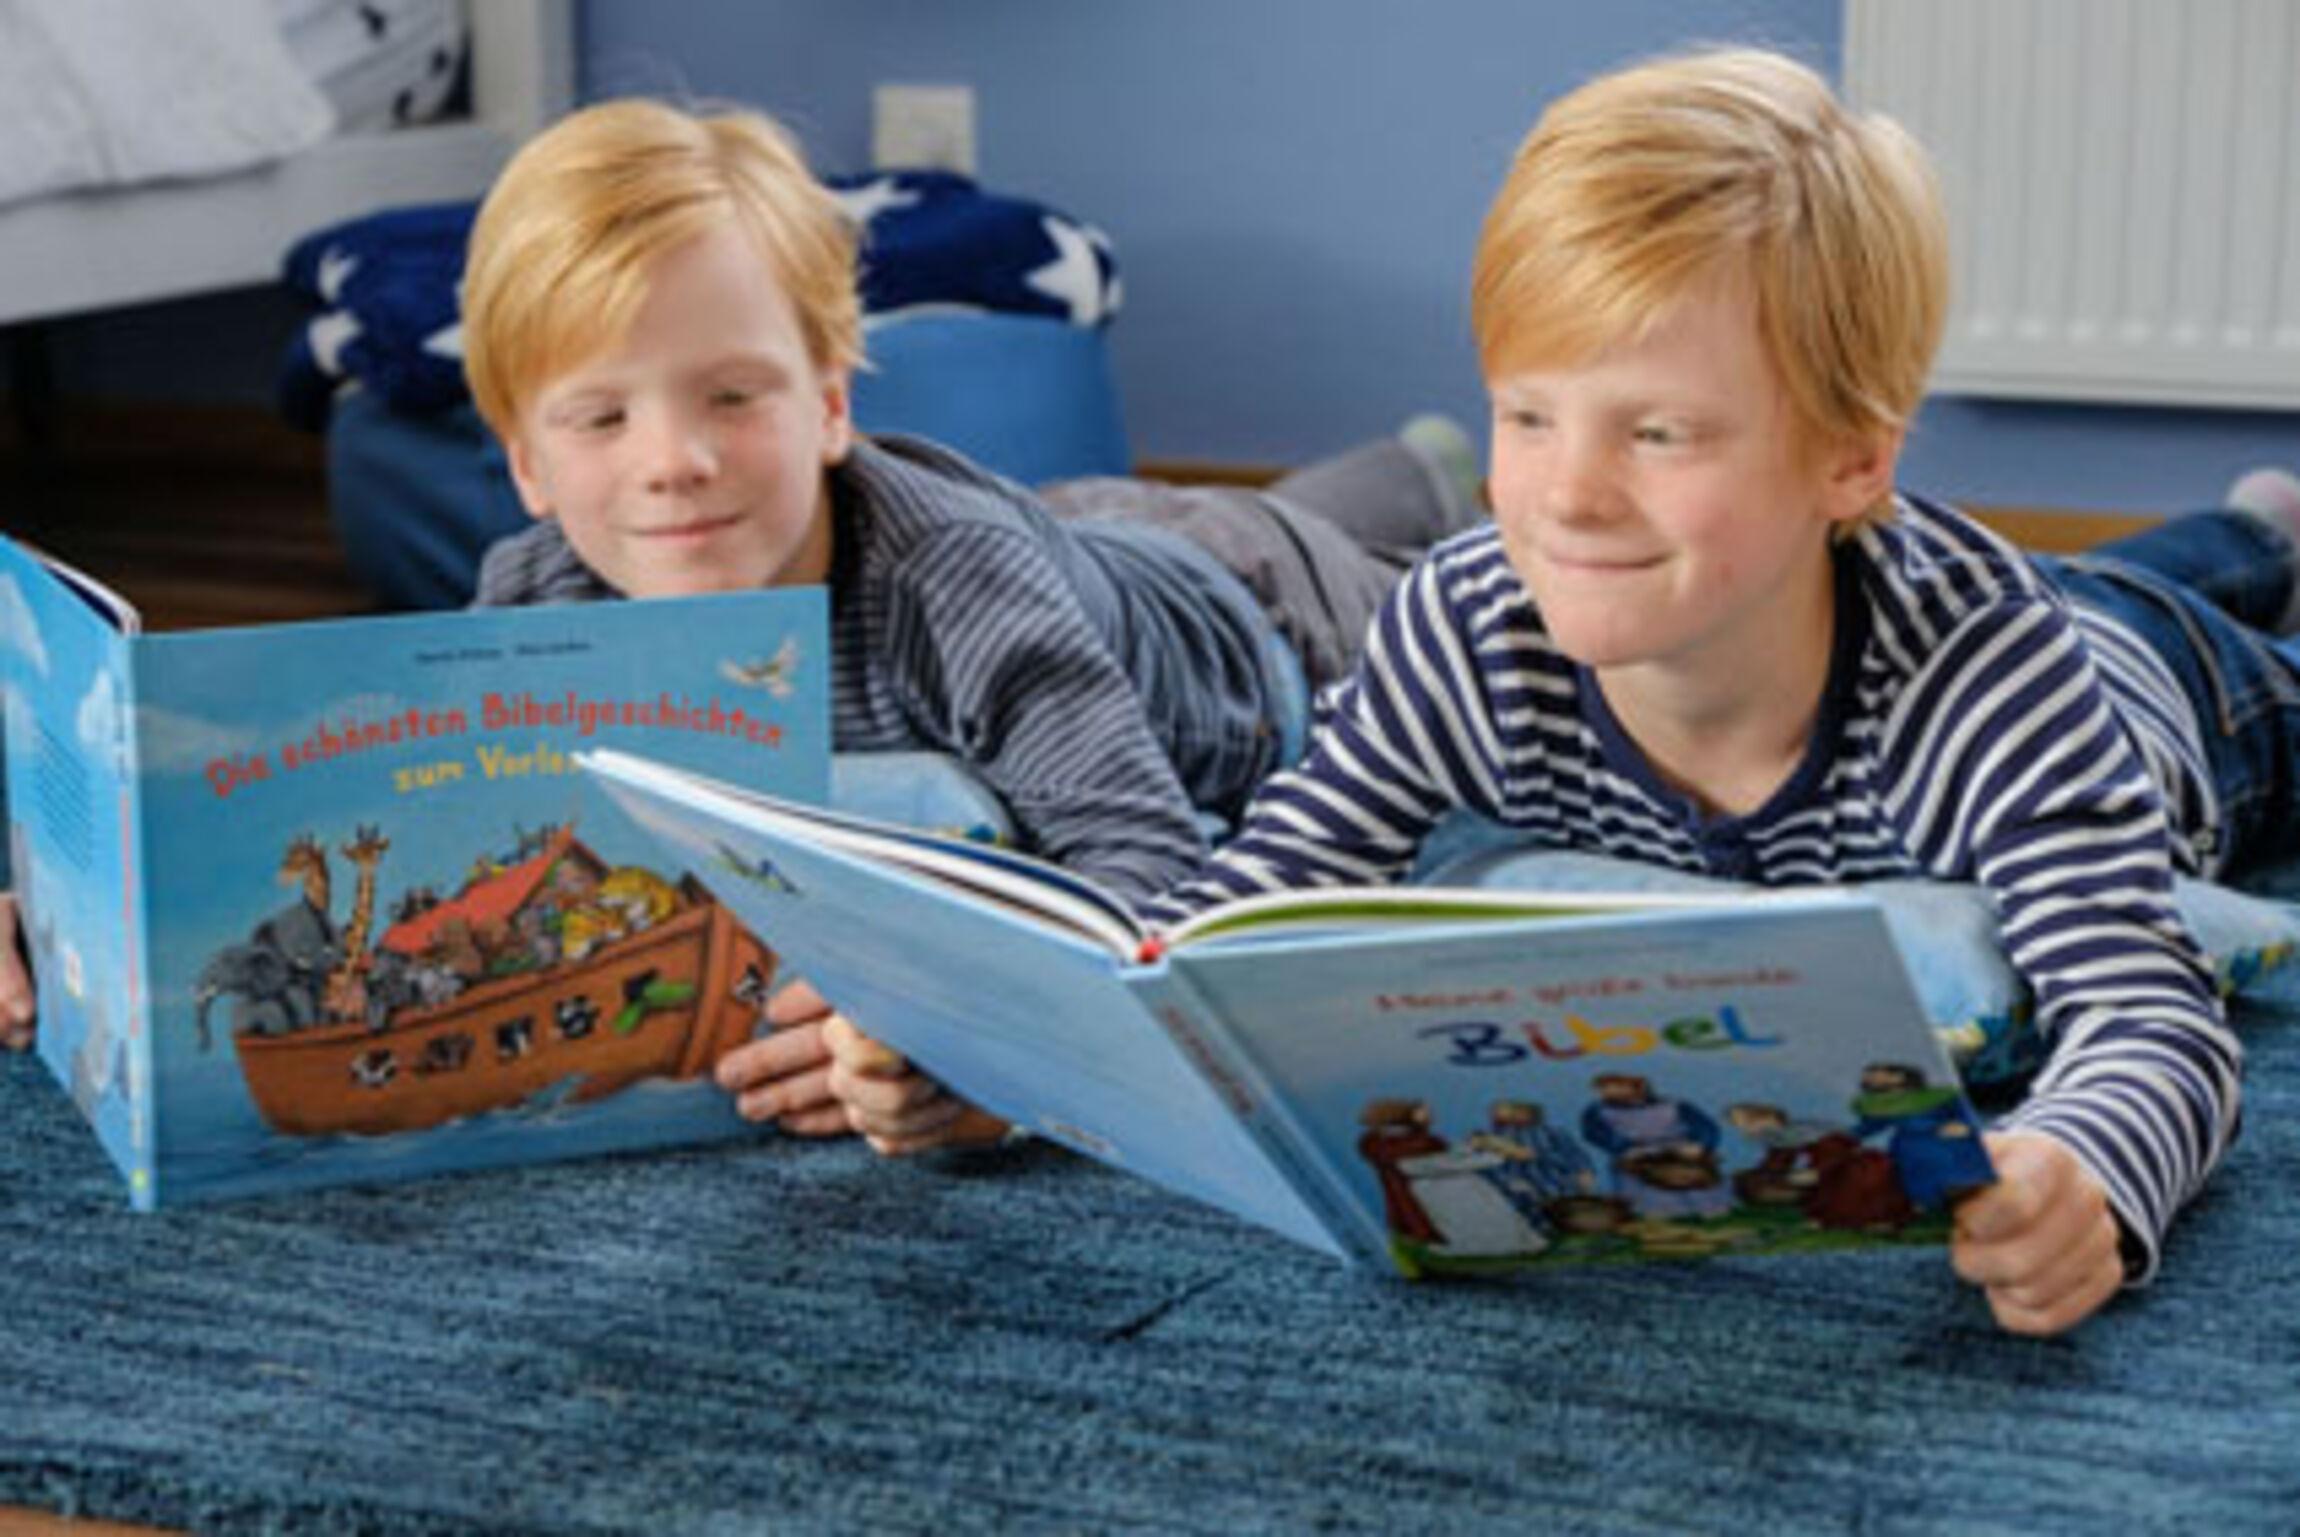 Die Zwillinge Finn und Ryan lesen die Kinderbibel (Foto: Jens Schulze)